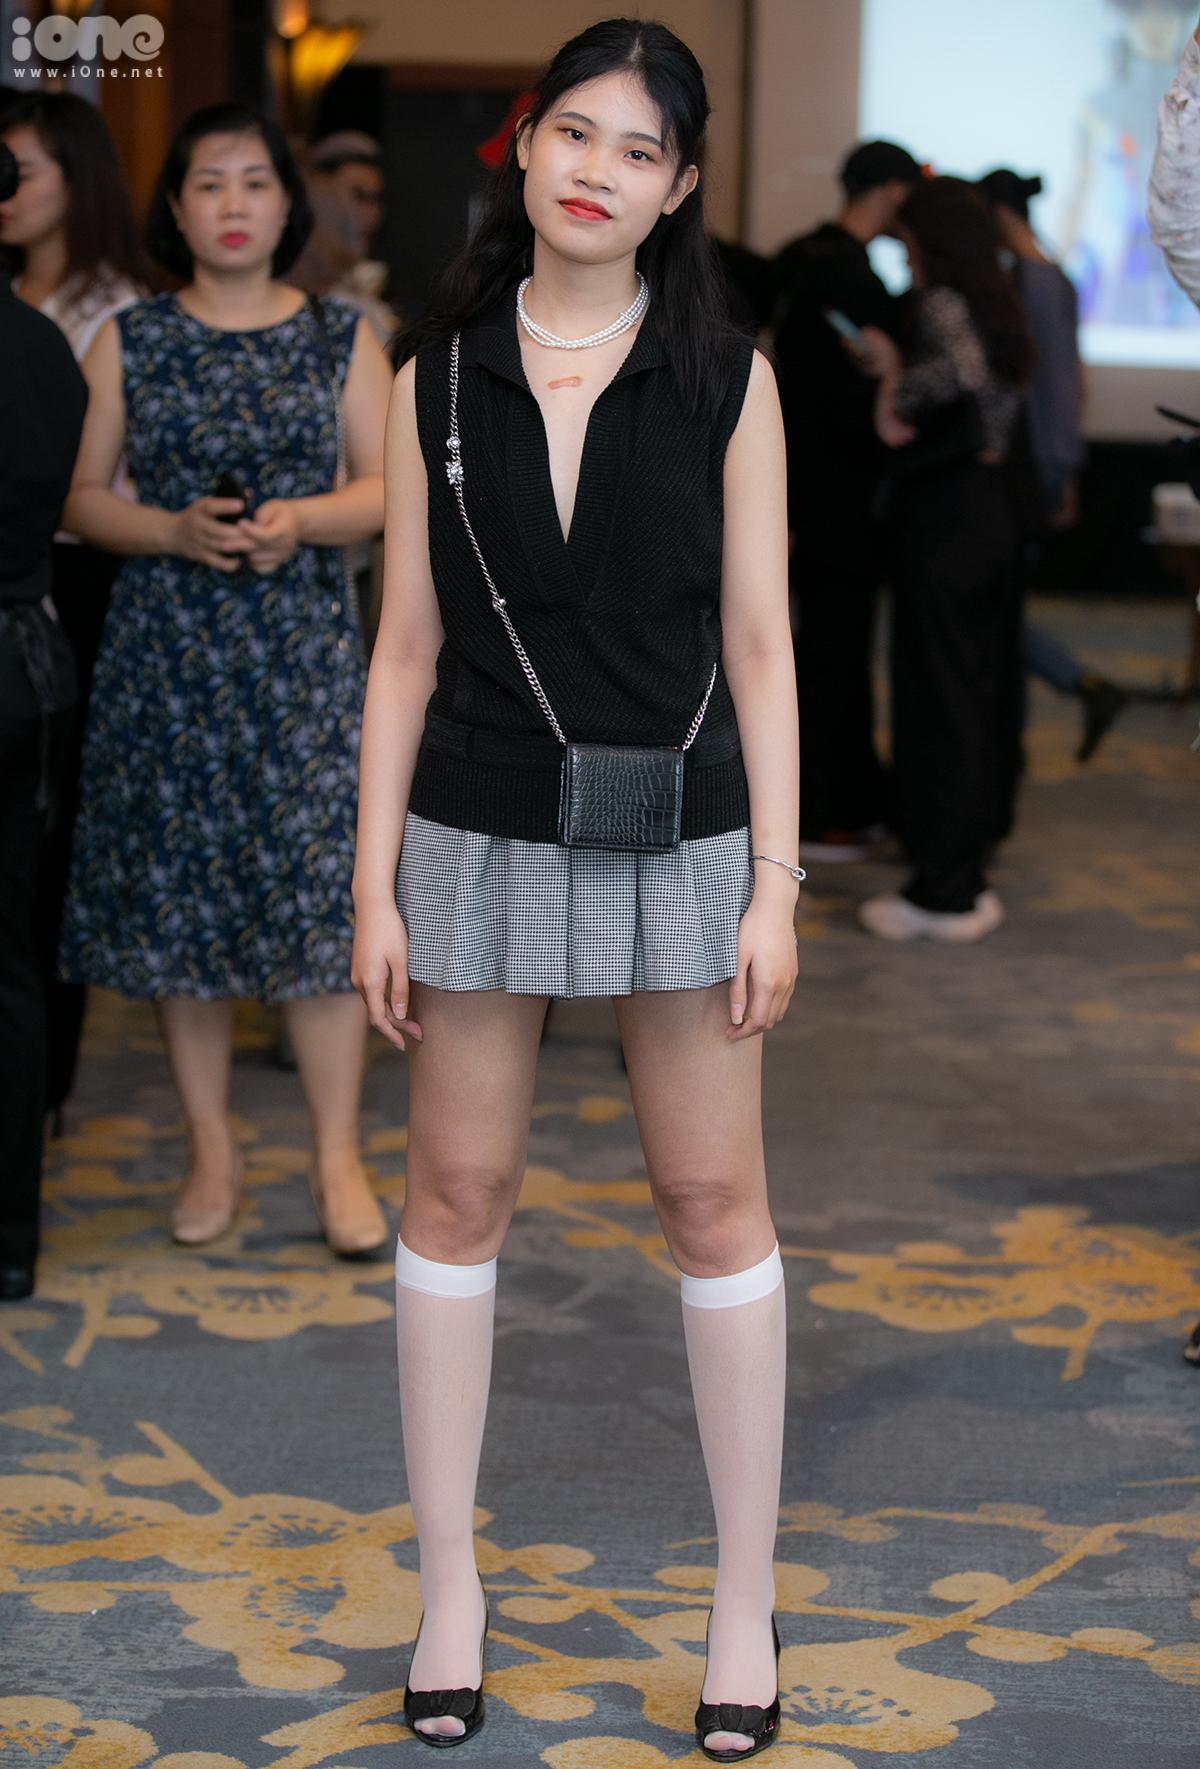 Ngân Chi có cảm hứng lên đồ kiểu vintage giống như nữ sinh trong phim Clueless đình đám hơn 15 năm trước. Áo len và chân váy kẻ đơn giản được cô bạn thêm độ chất bằng vòng cổ ngọc trai cùng tất trắng.